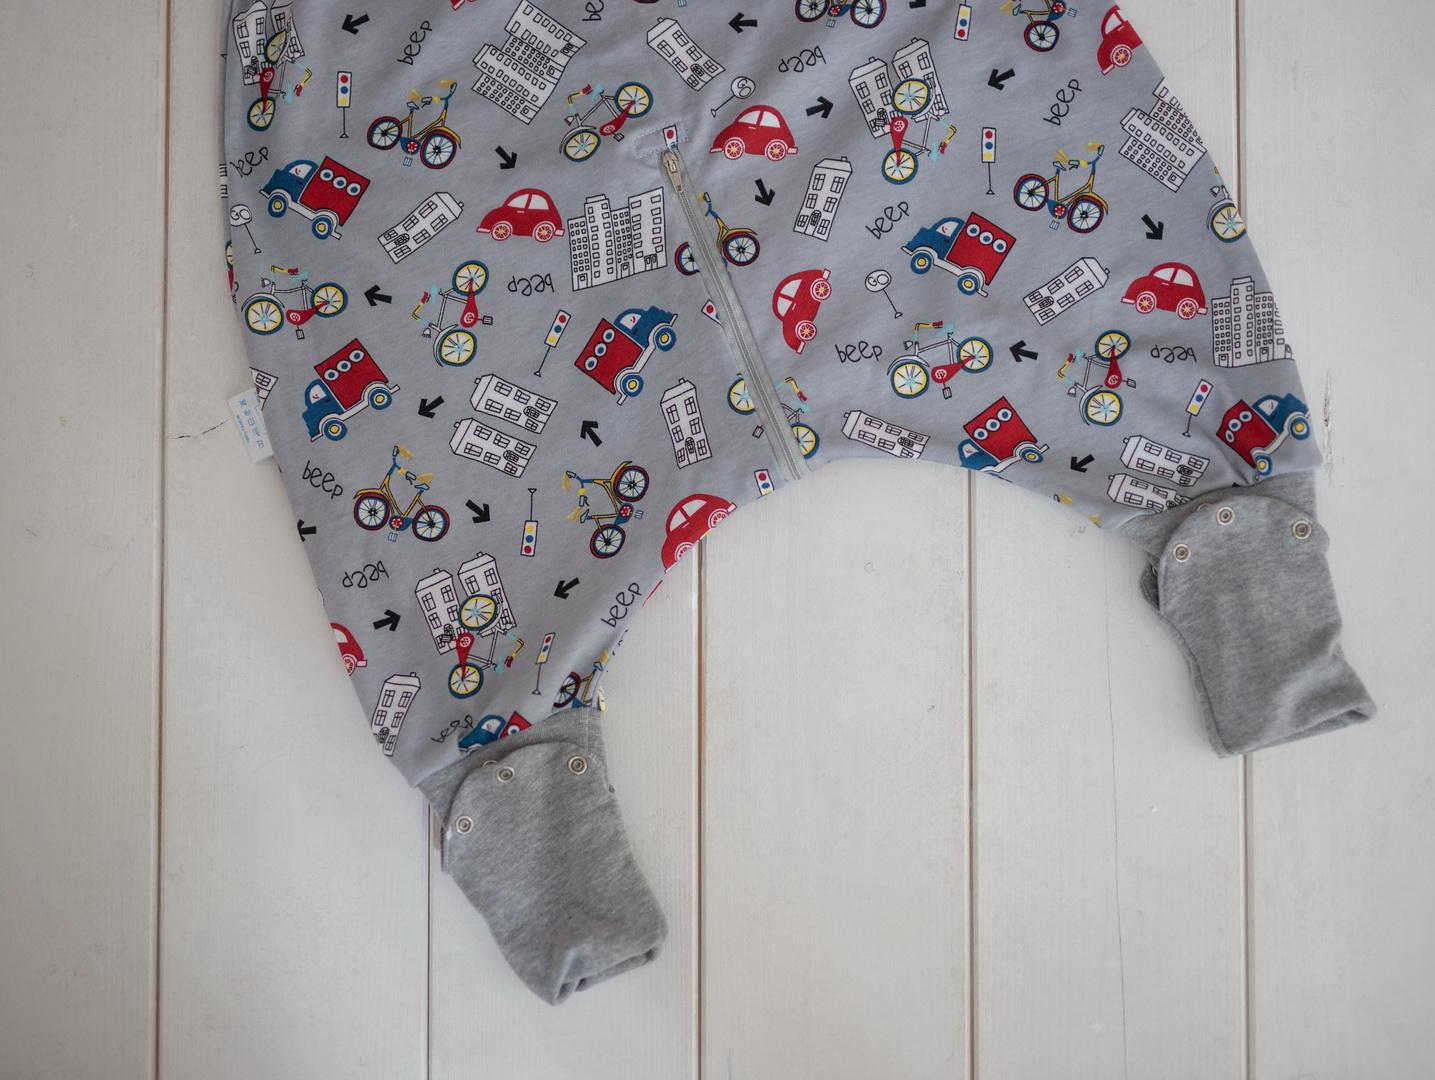 Liberina vreća za spavanje sa nogavicama - jedan sloj punijeg pamuka - bez rukava - dodatak za stopala - Saobraćaj